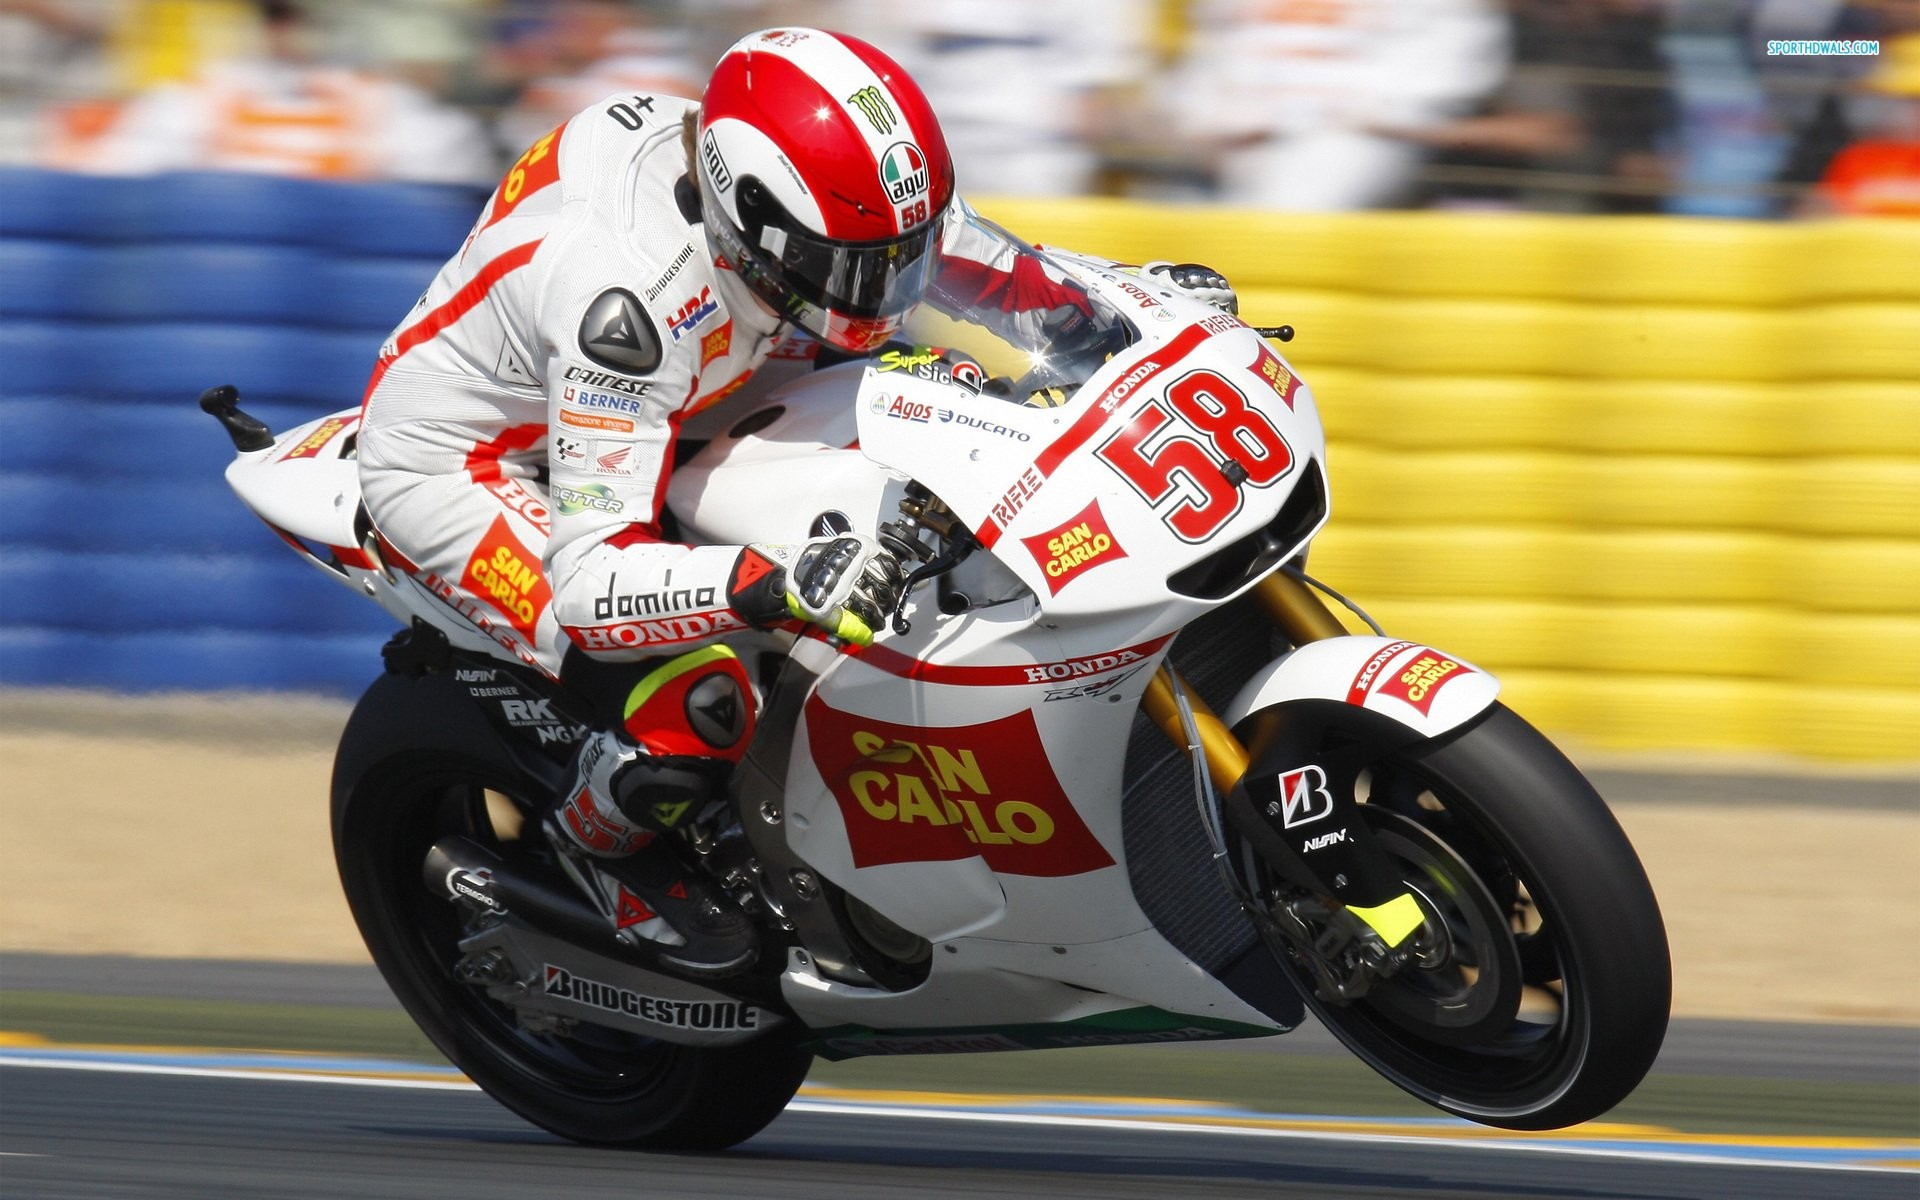 Honda Racing Moto Gp: Motogp Bikes Wallpaper ·①